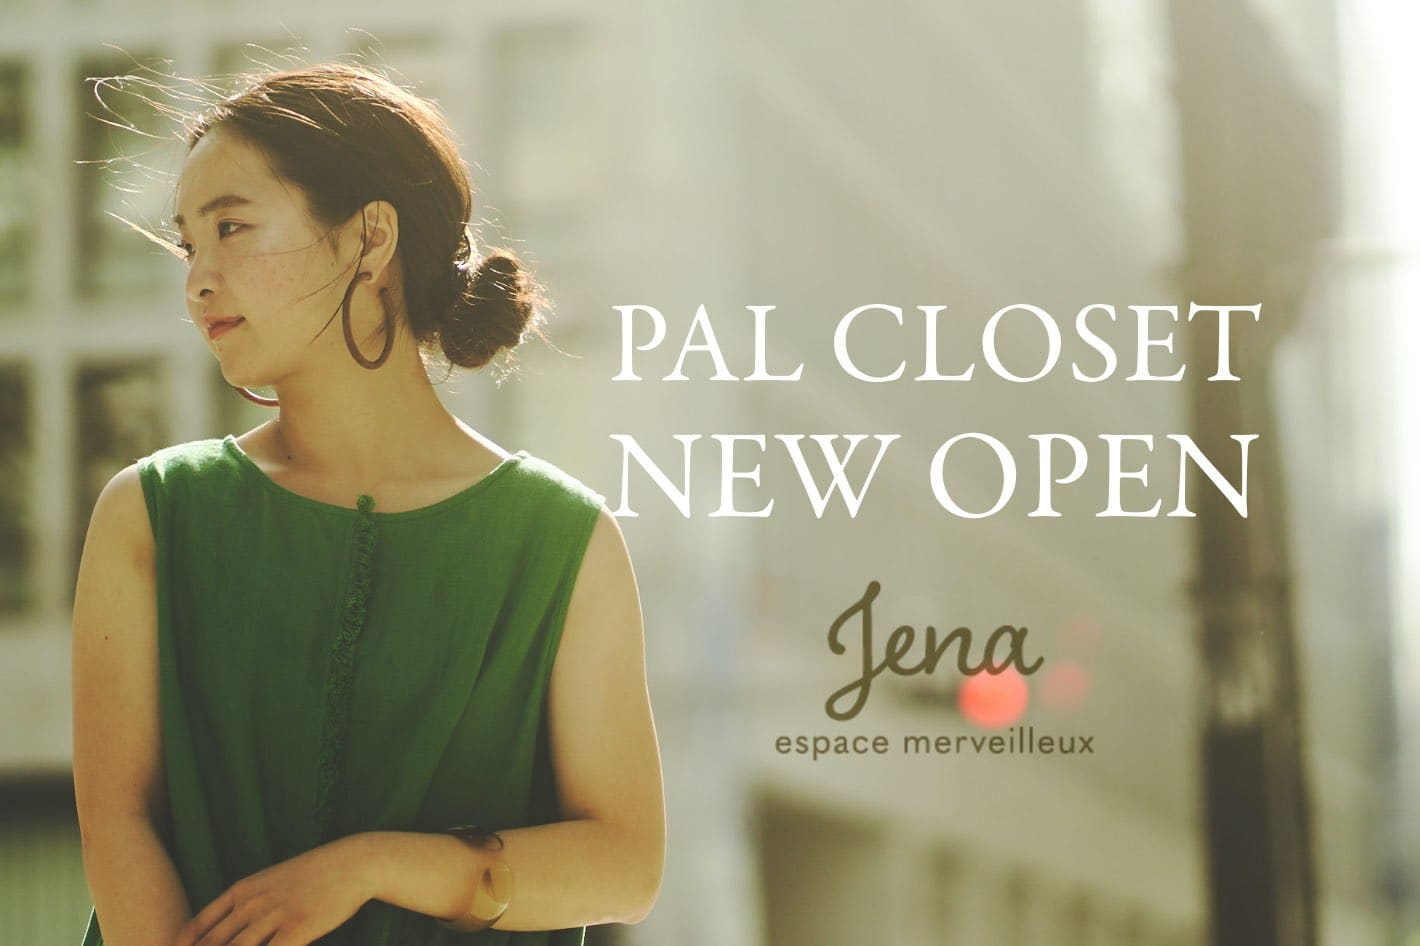 Jena espace merveilleux 【Jena espace merveilleuxx / ジェナ エスパスメルヴェイユ】PALCLOSET NEW OPEN!